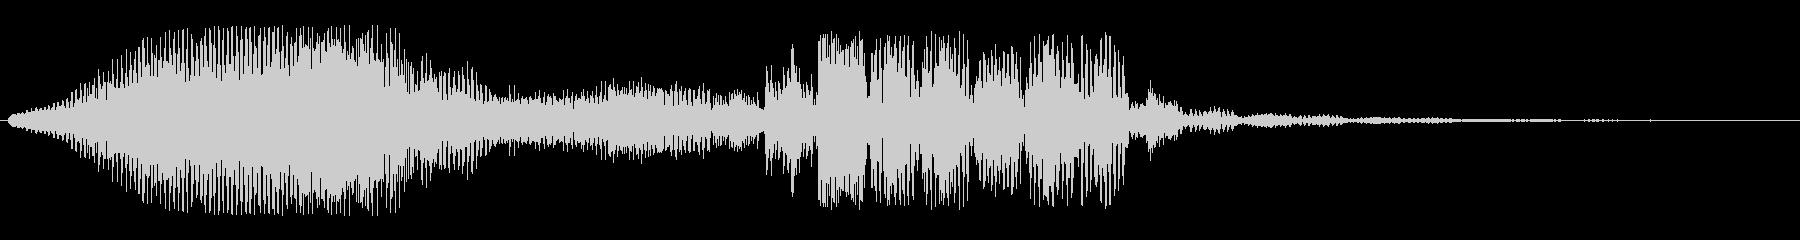 ビョーンウォオン(ロボットの機械音)の未再生の波形